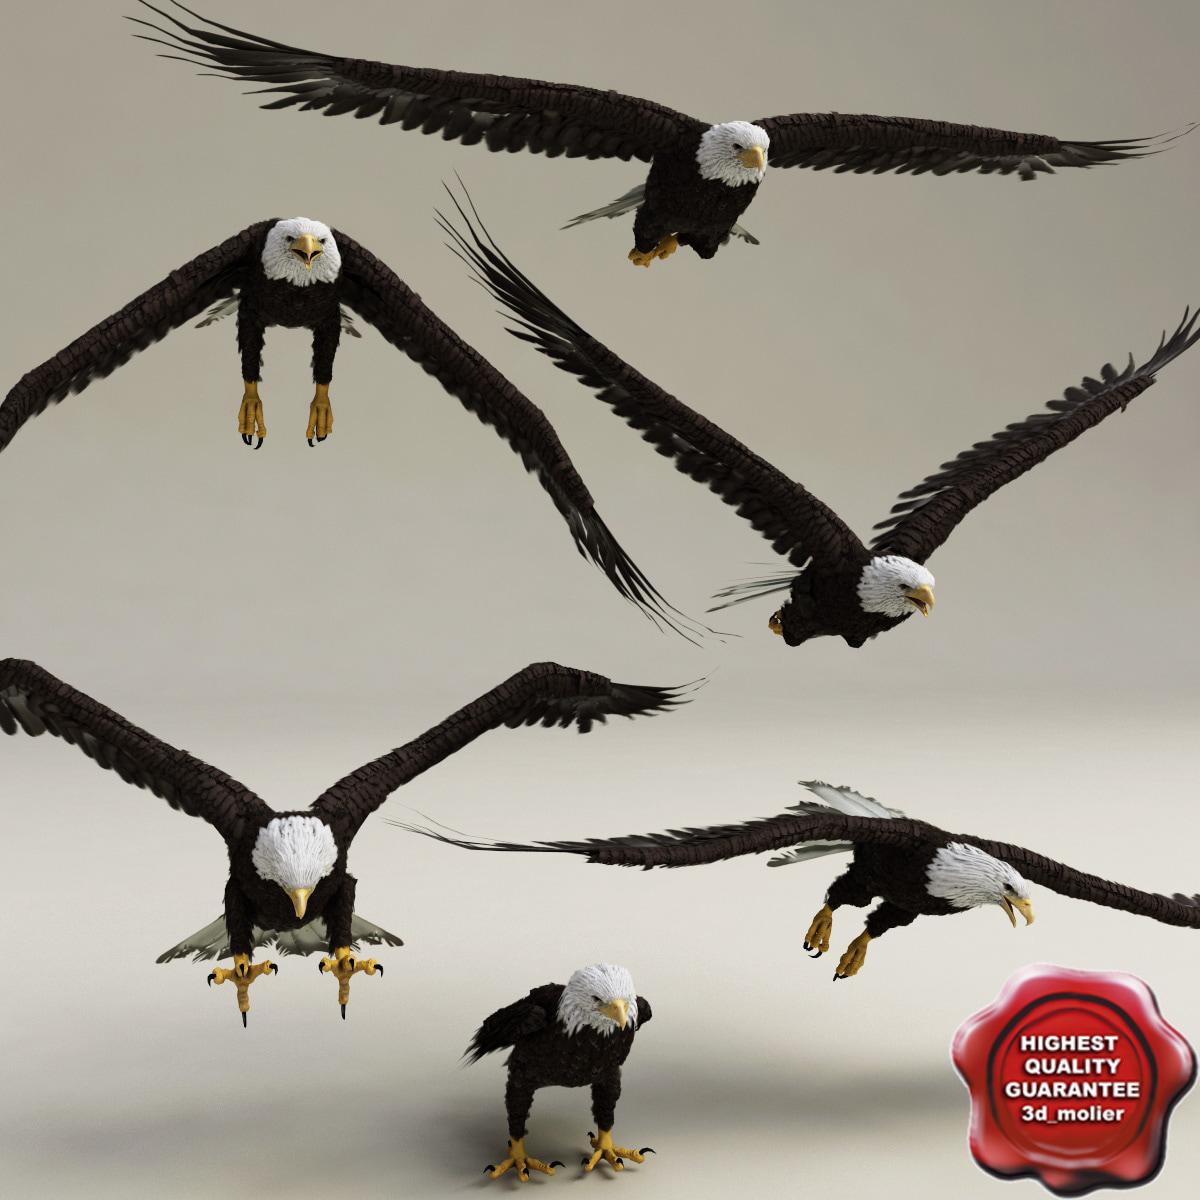 3d bald eagles poses